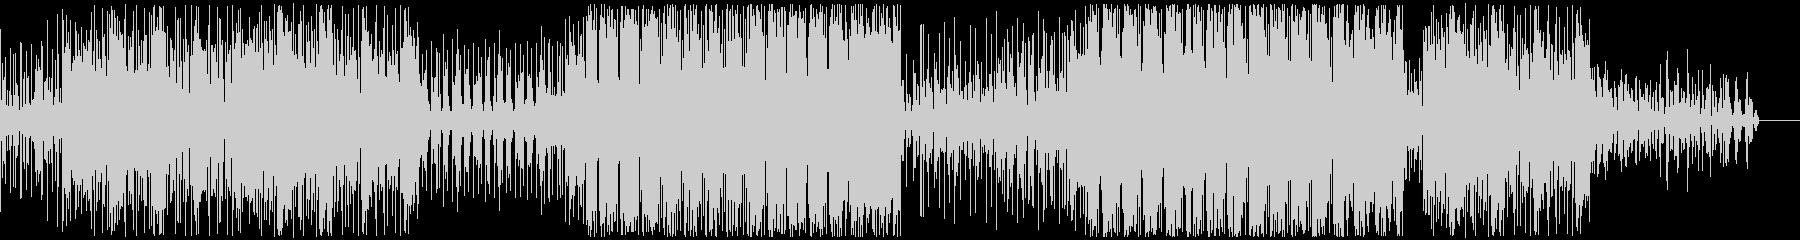 アンダーグラウンドなテクノ系BGMの未再生の波形